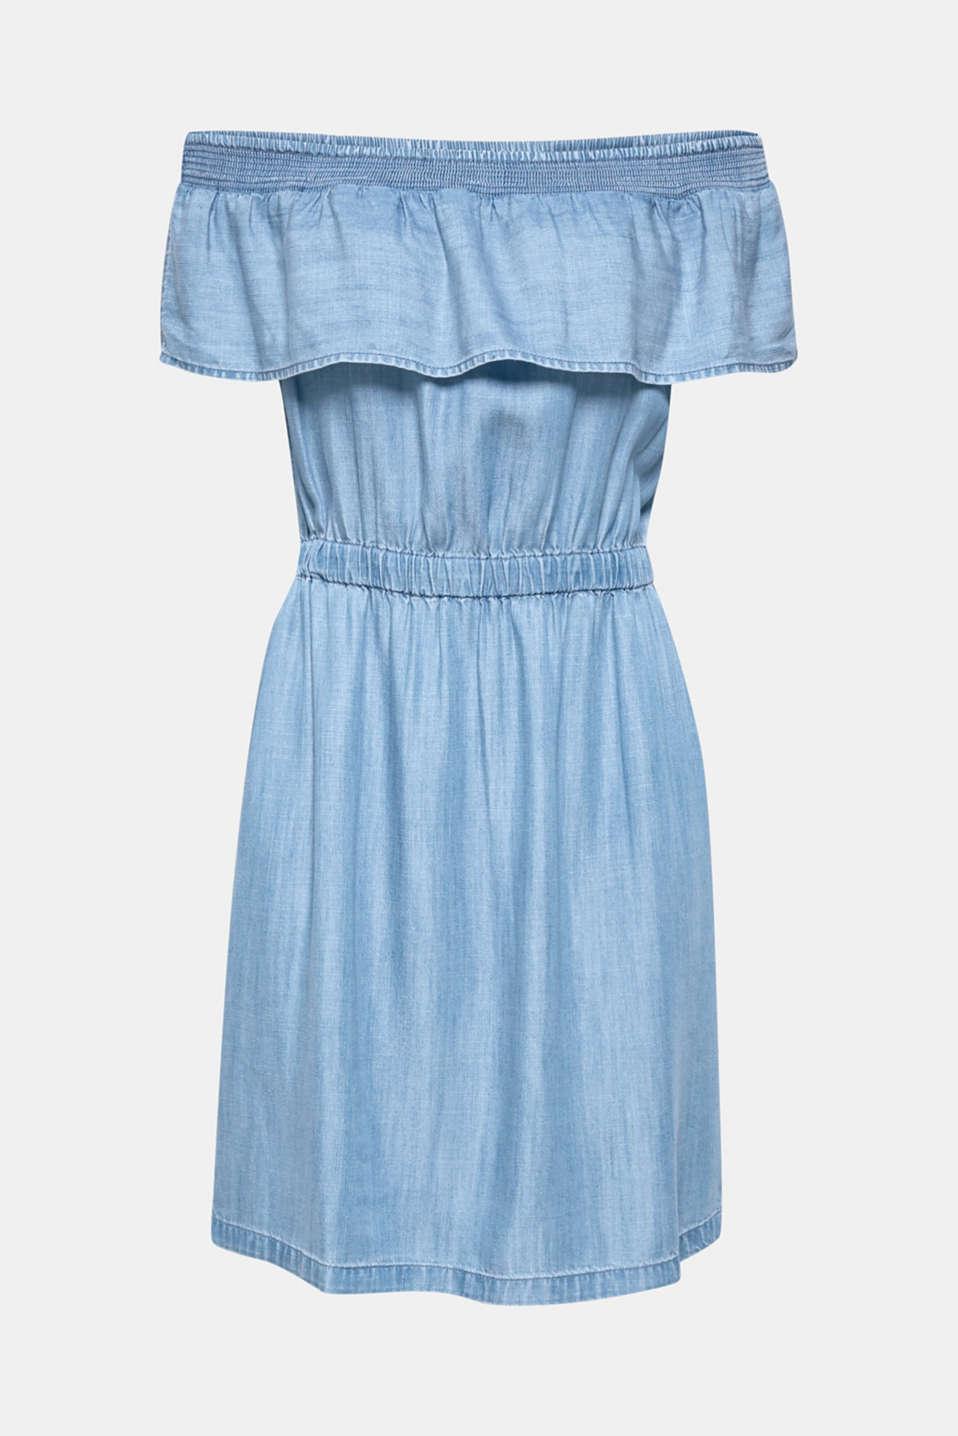 Dresses denim, BLUE MEDIUM WASH, detail image number 6